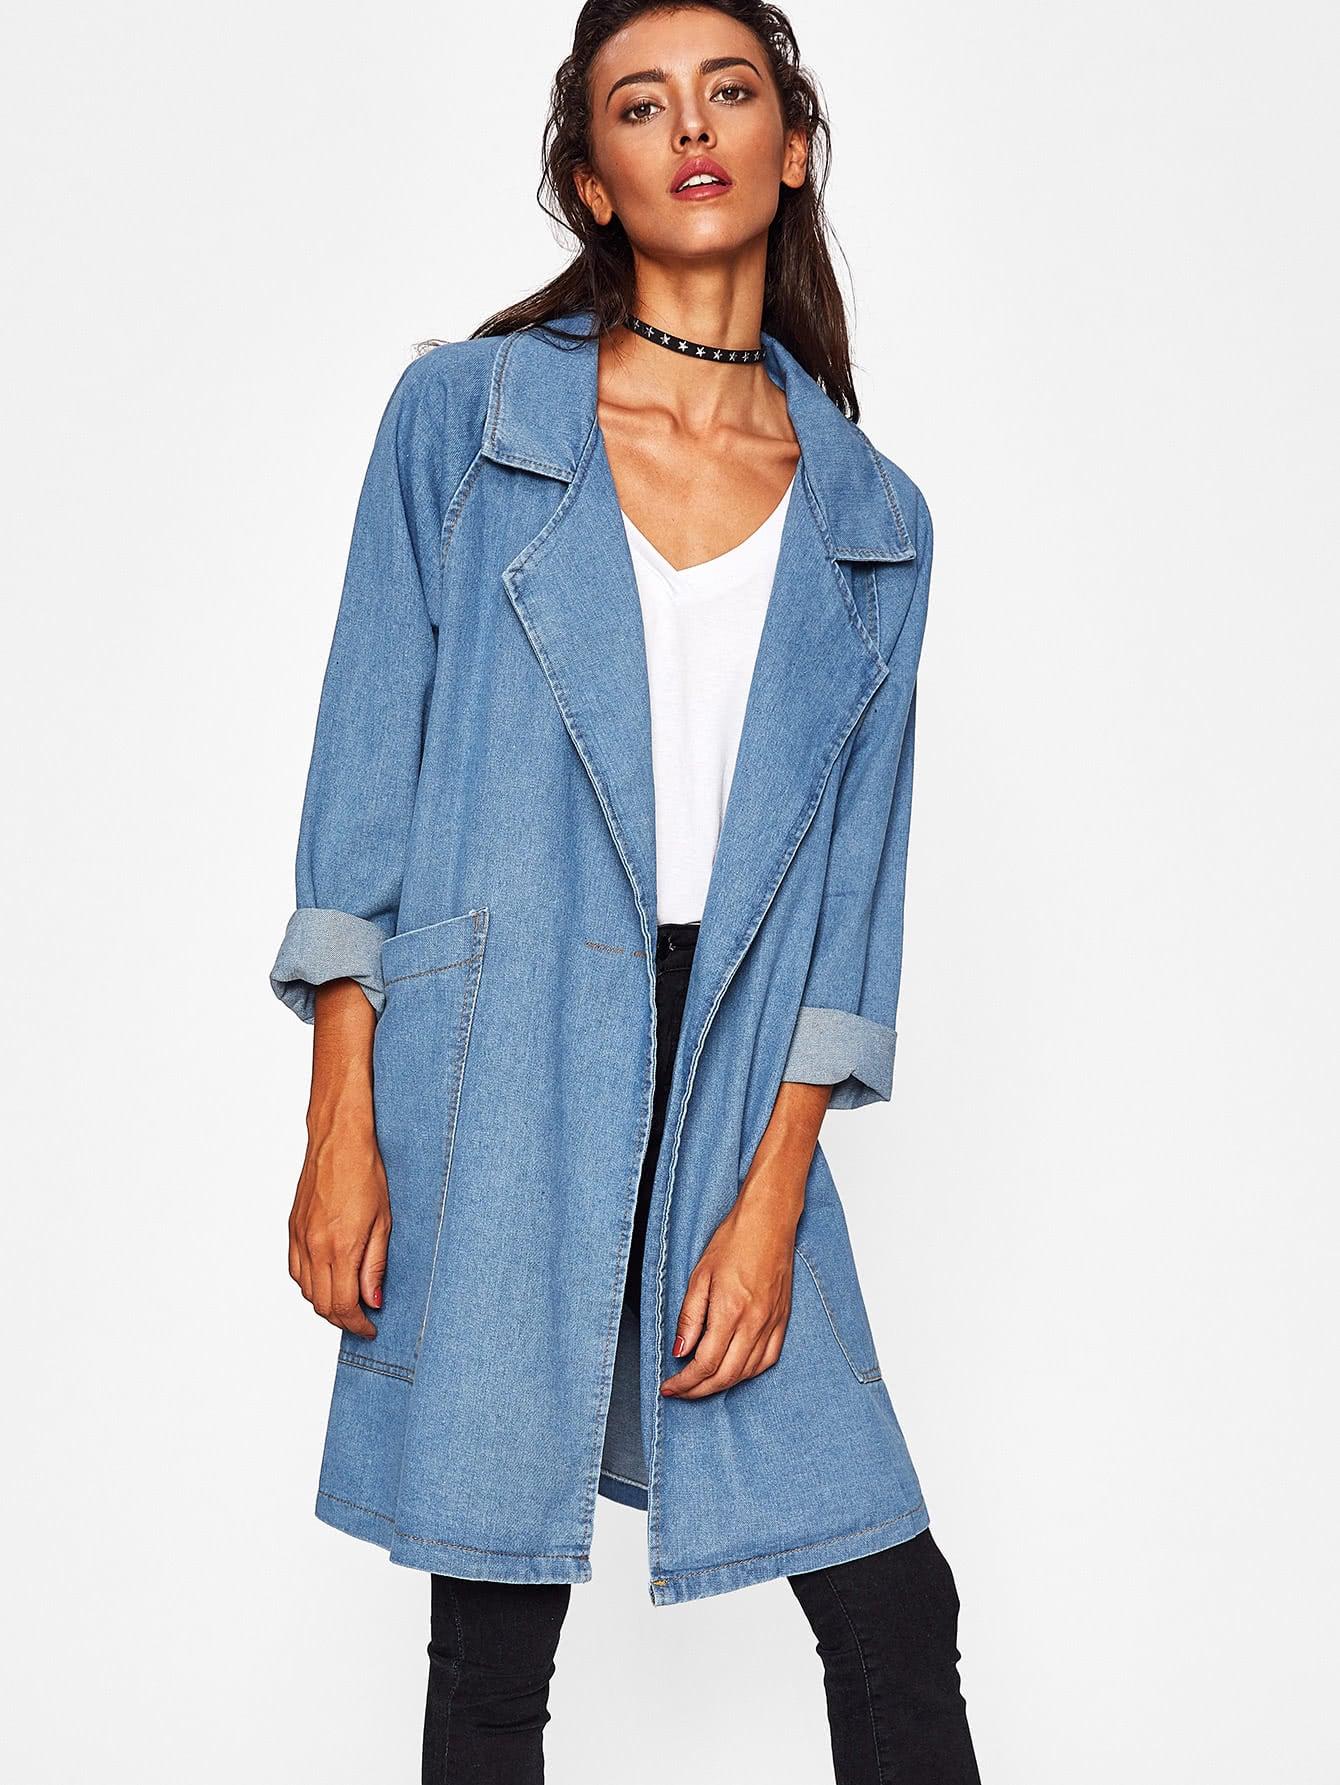 Купить Модная джинсовая куртка с карманами, Camila, SheIn